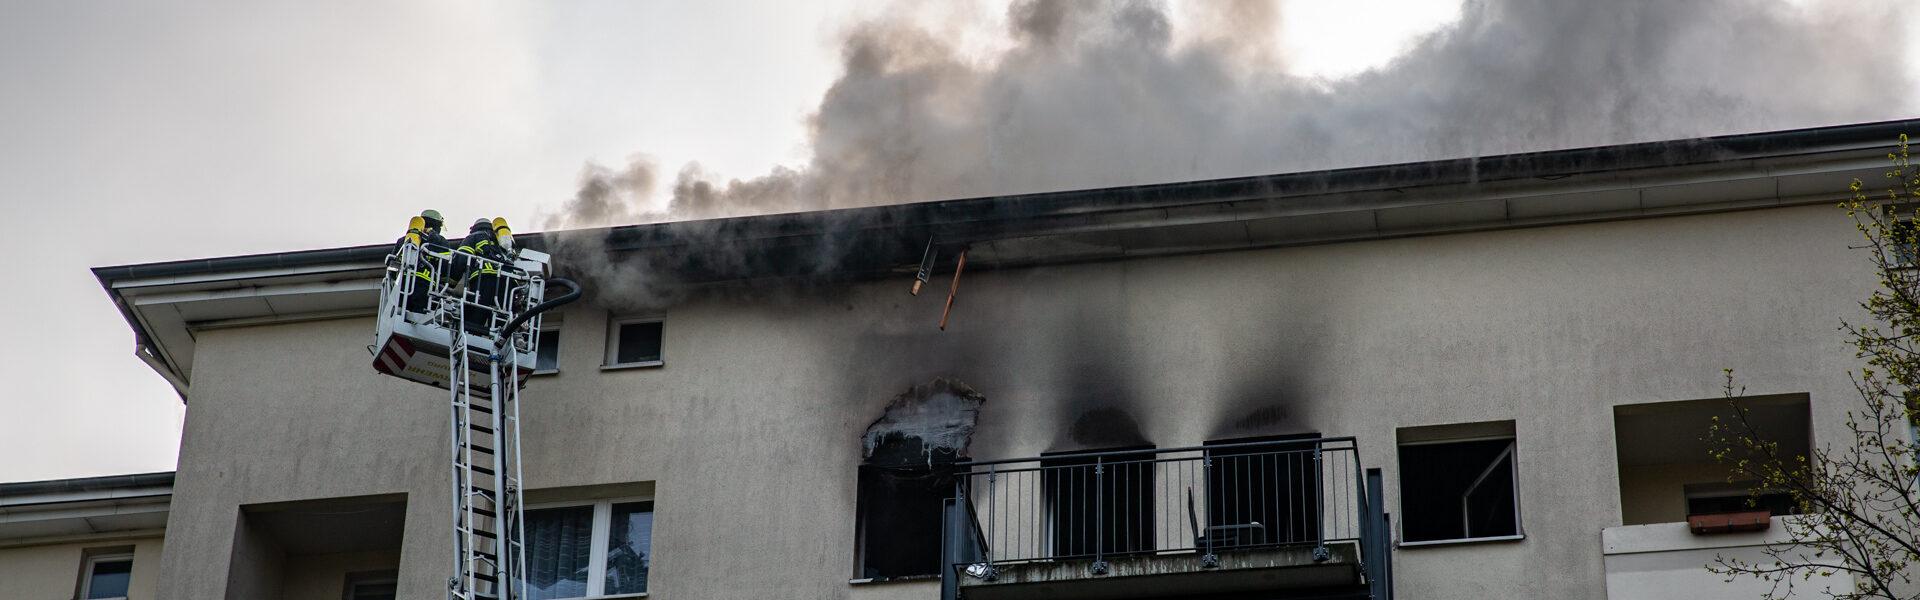 02.05.2021 – Wohnungsbrand greift auf Dachstuhl über